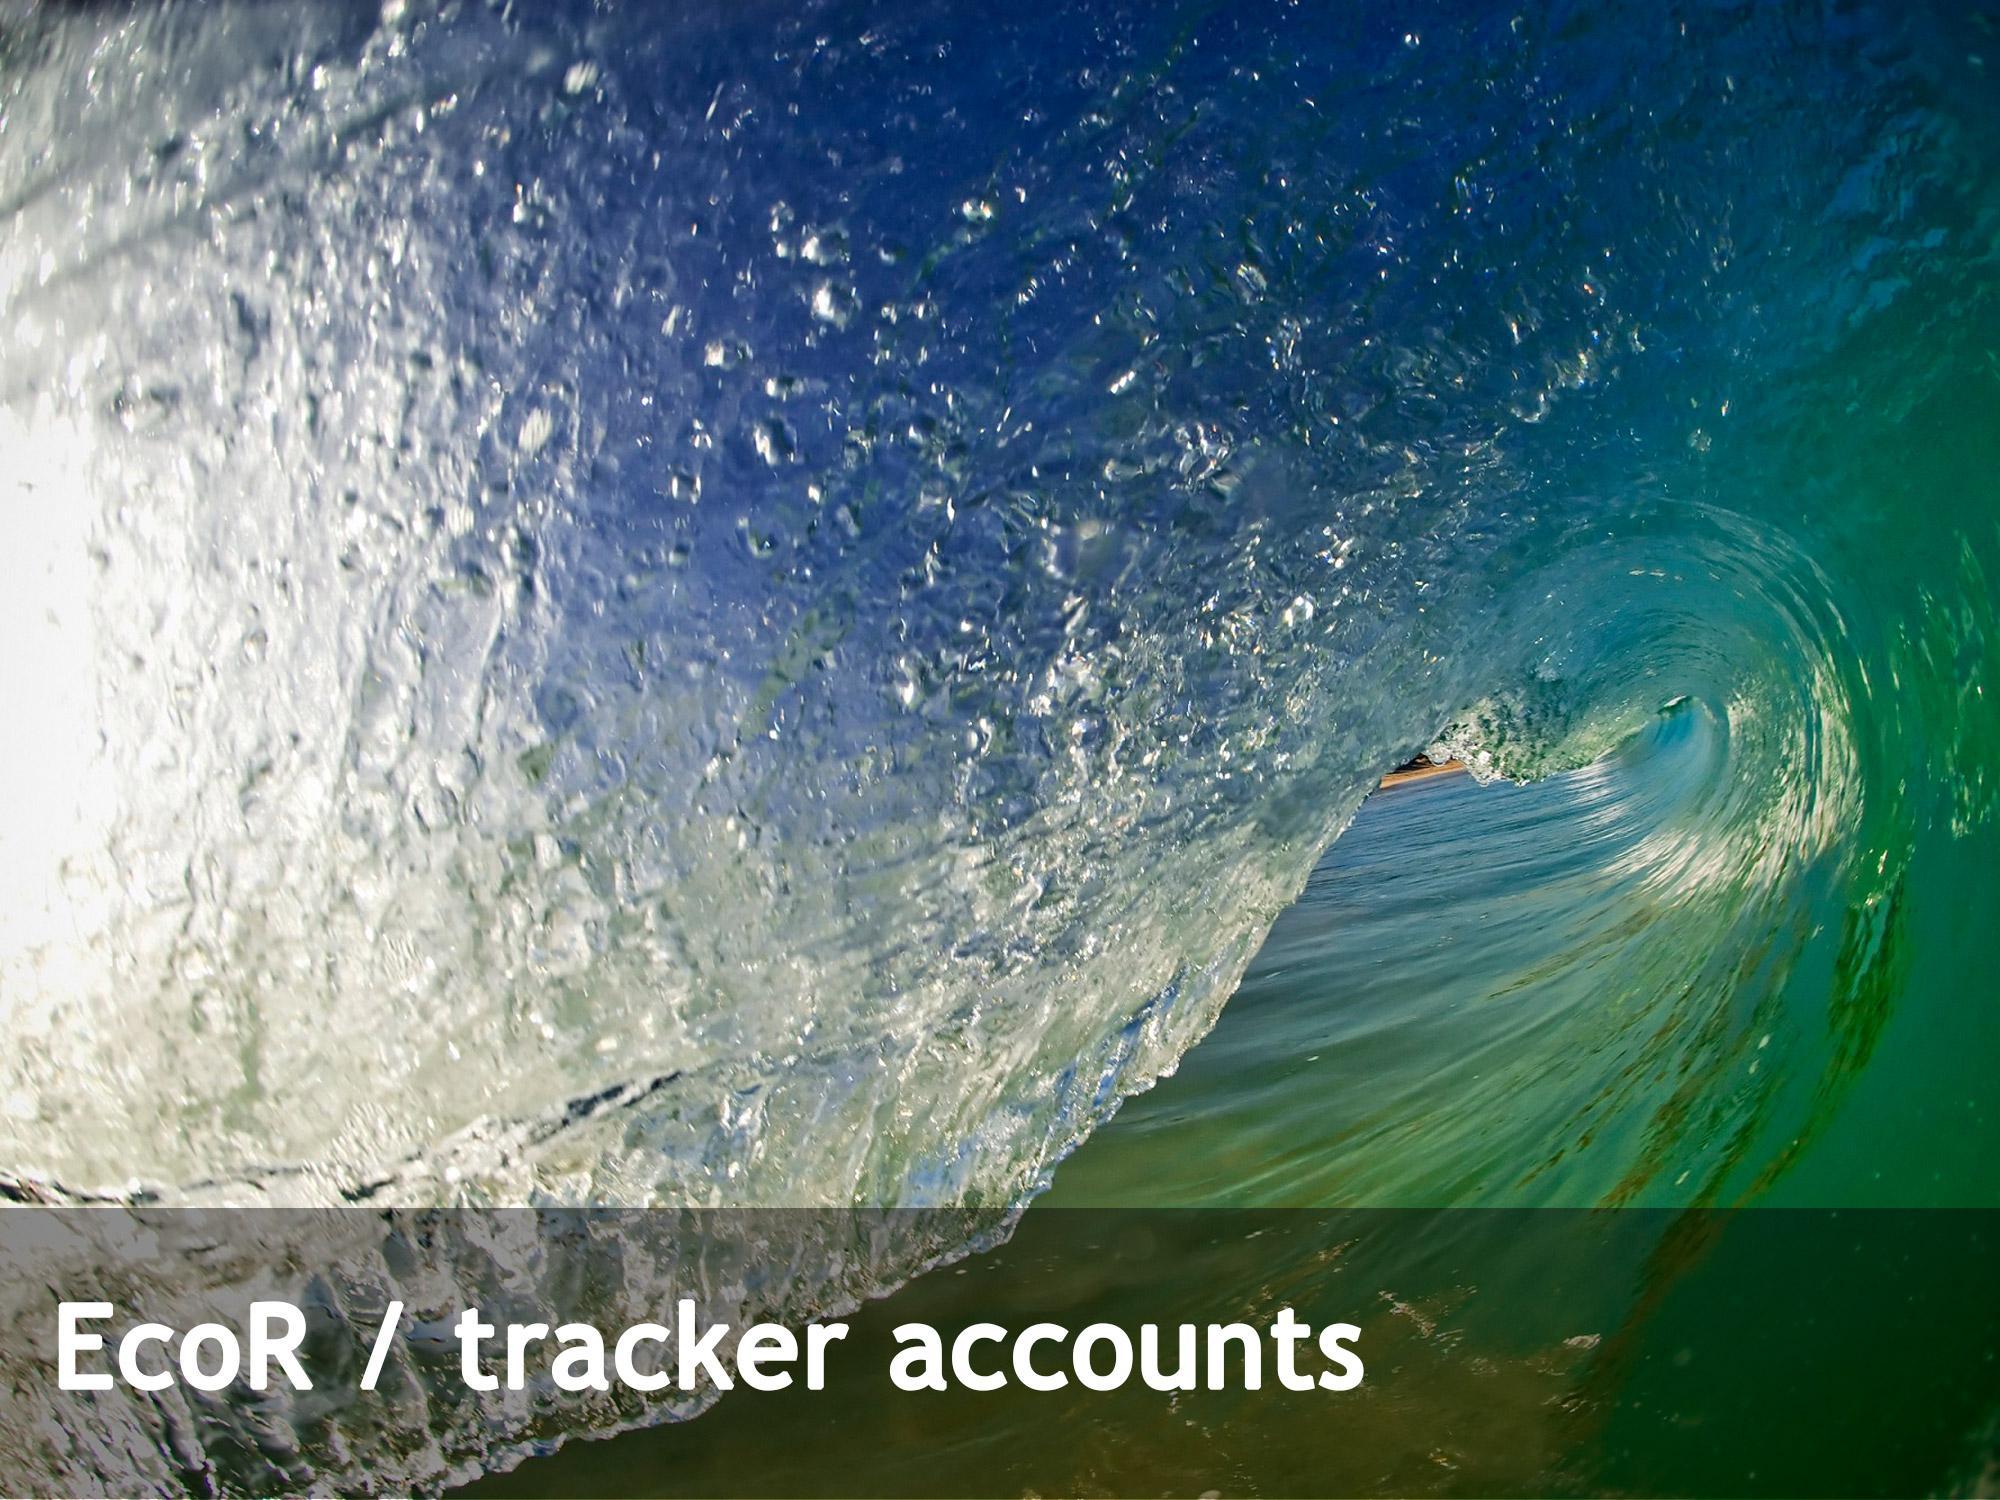 EcoR tracker account